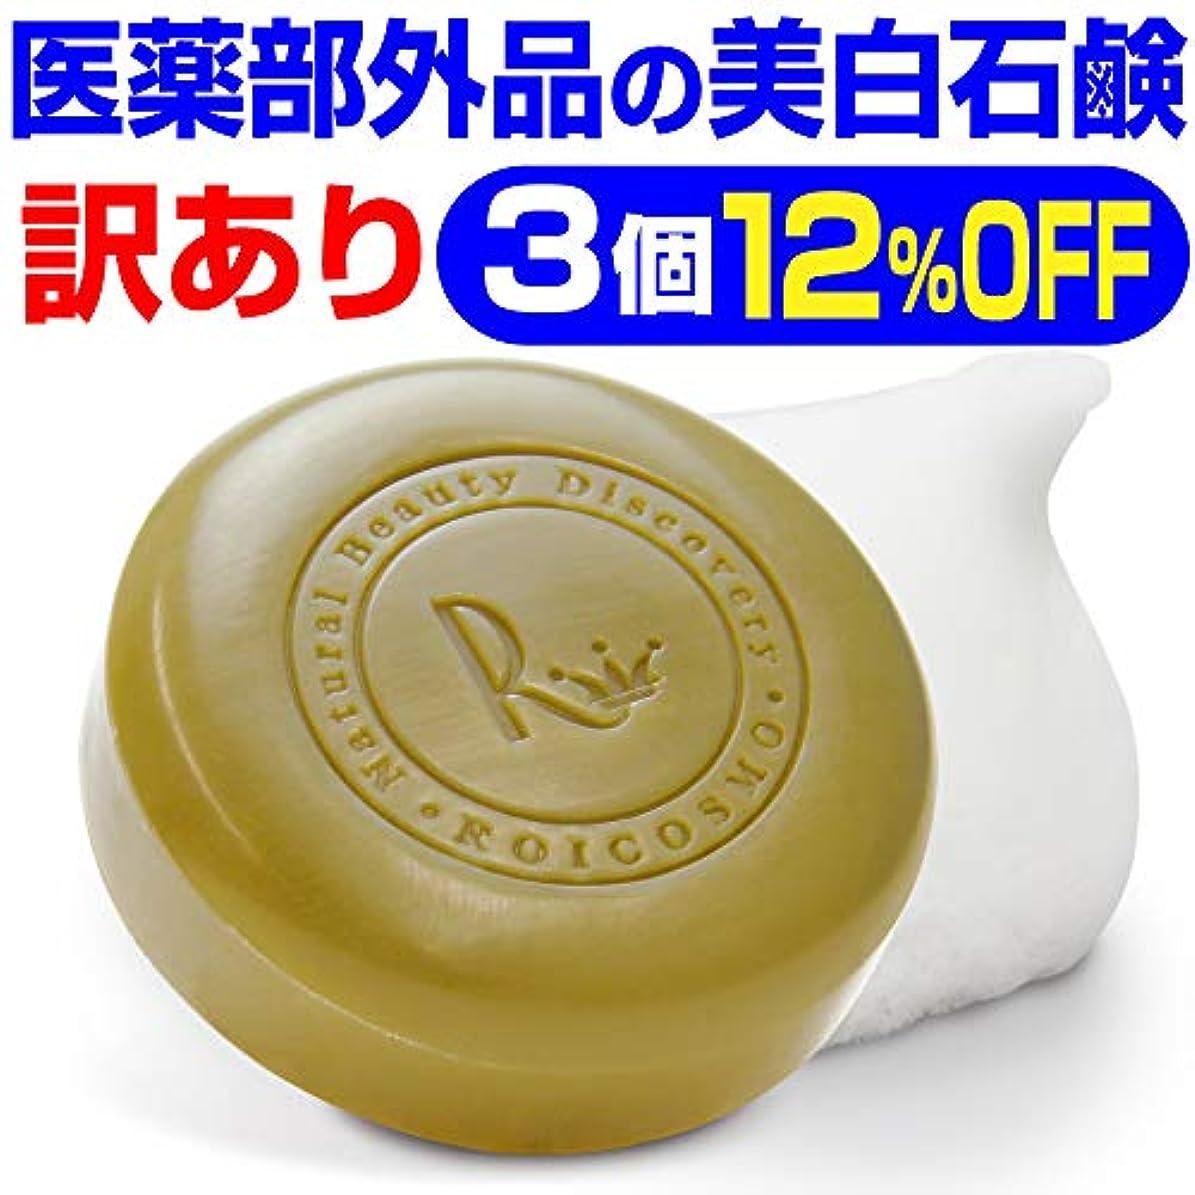 デイジー合金成熟した訳あり12%OFF(1個2,090円)売切れ御免 ビタミンC270倍の美白成分の 洗顔石鹸『ホワイトソープ100g×3個』